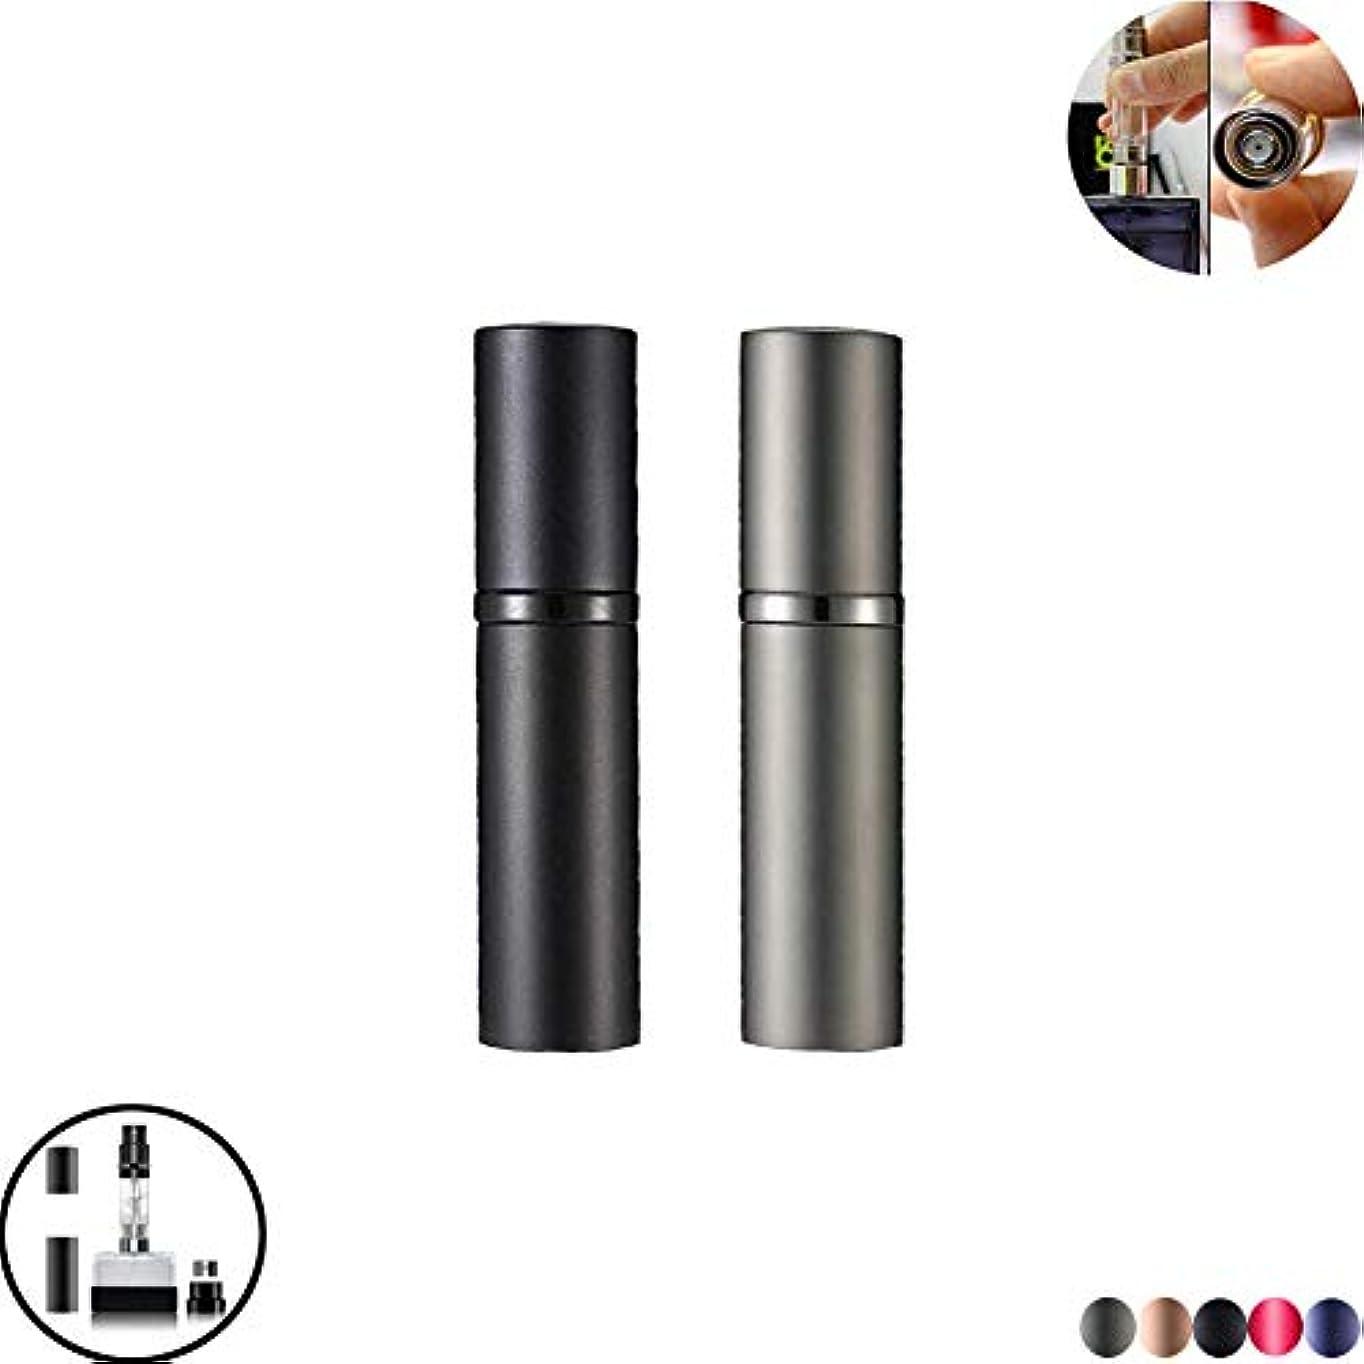 しおれたお願いしますダルセットアトマイザー 詰め替え AsaNana ポータブル クイック 香水噴霧器 携帯用 詰め替え容器 香水用 ワンタッチ補充 香水スプレー パフューム Quick Atomizer プシュ式 (Black +Gray)